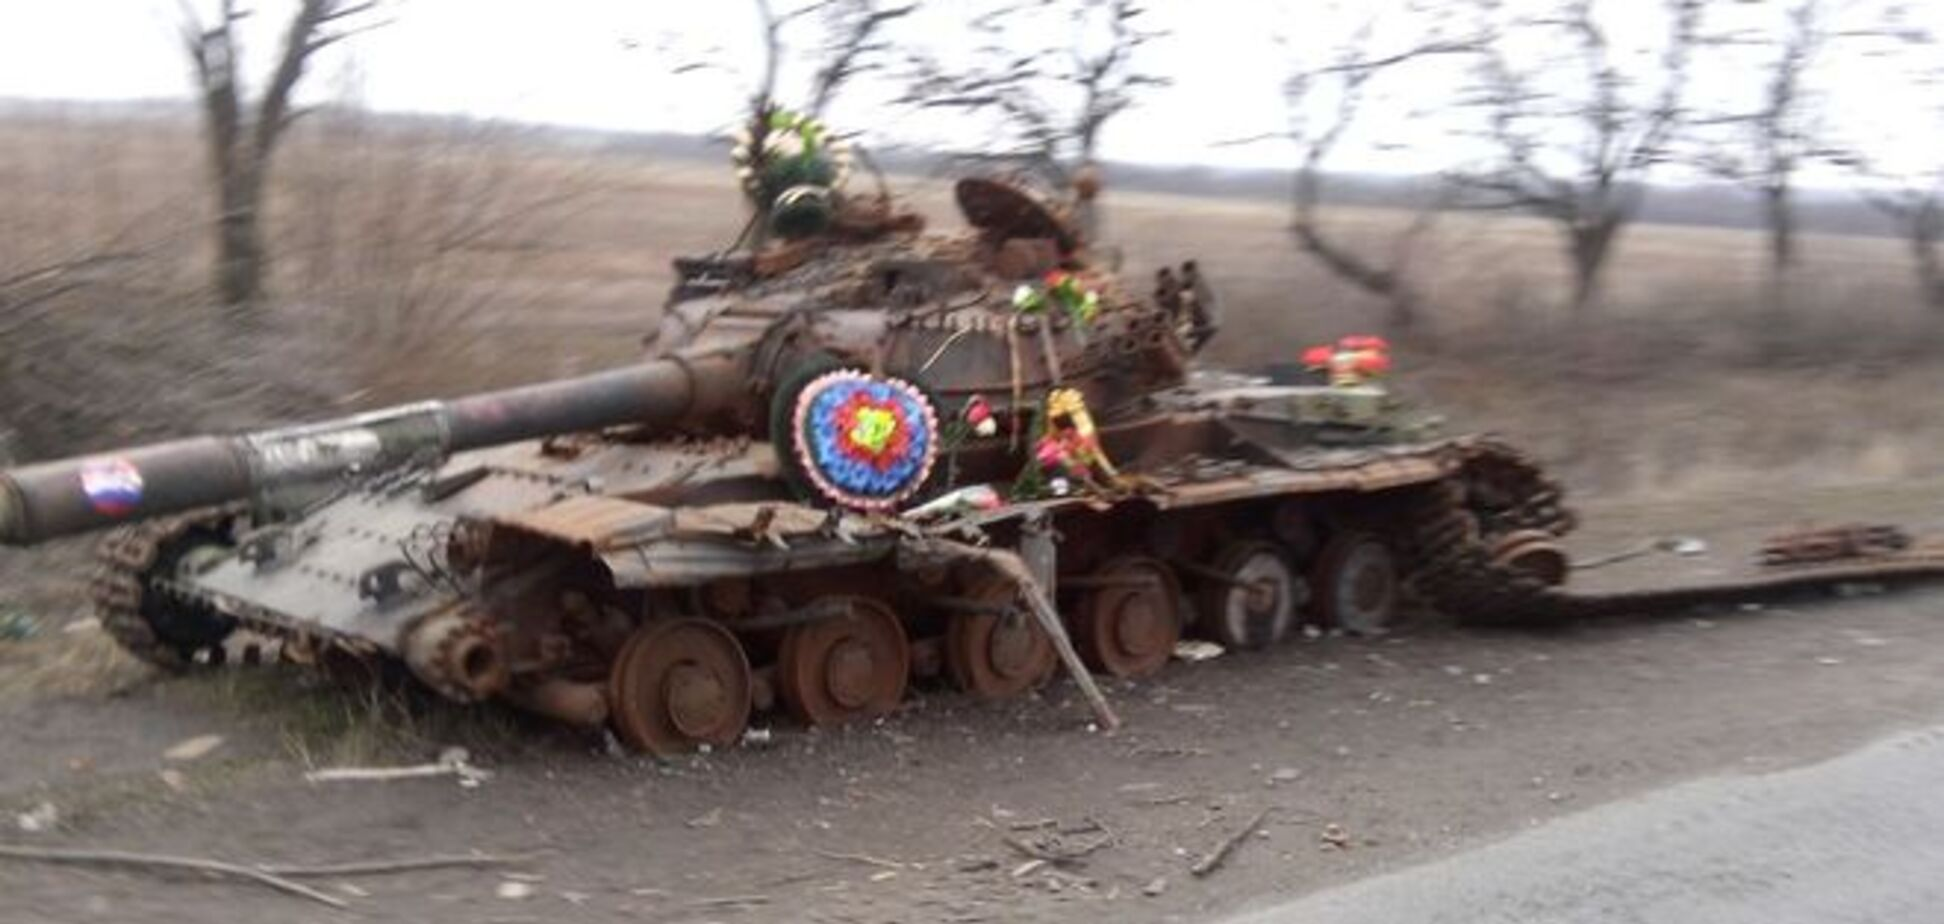 Яким бачить Донбас водій російського 'гумконвоя': фото з глибокого тилу бойовиків